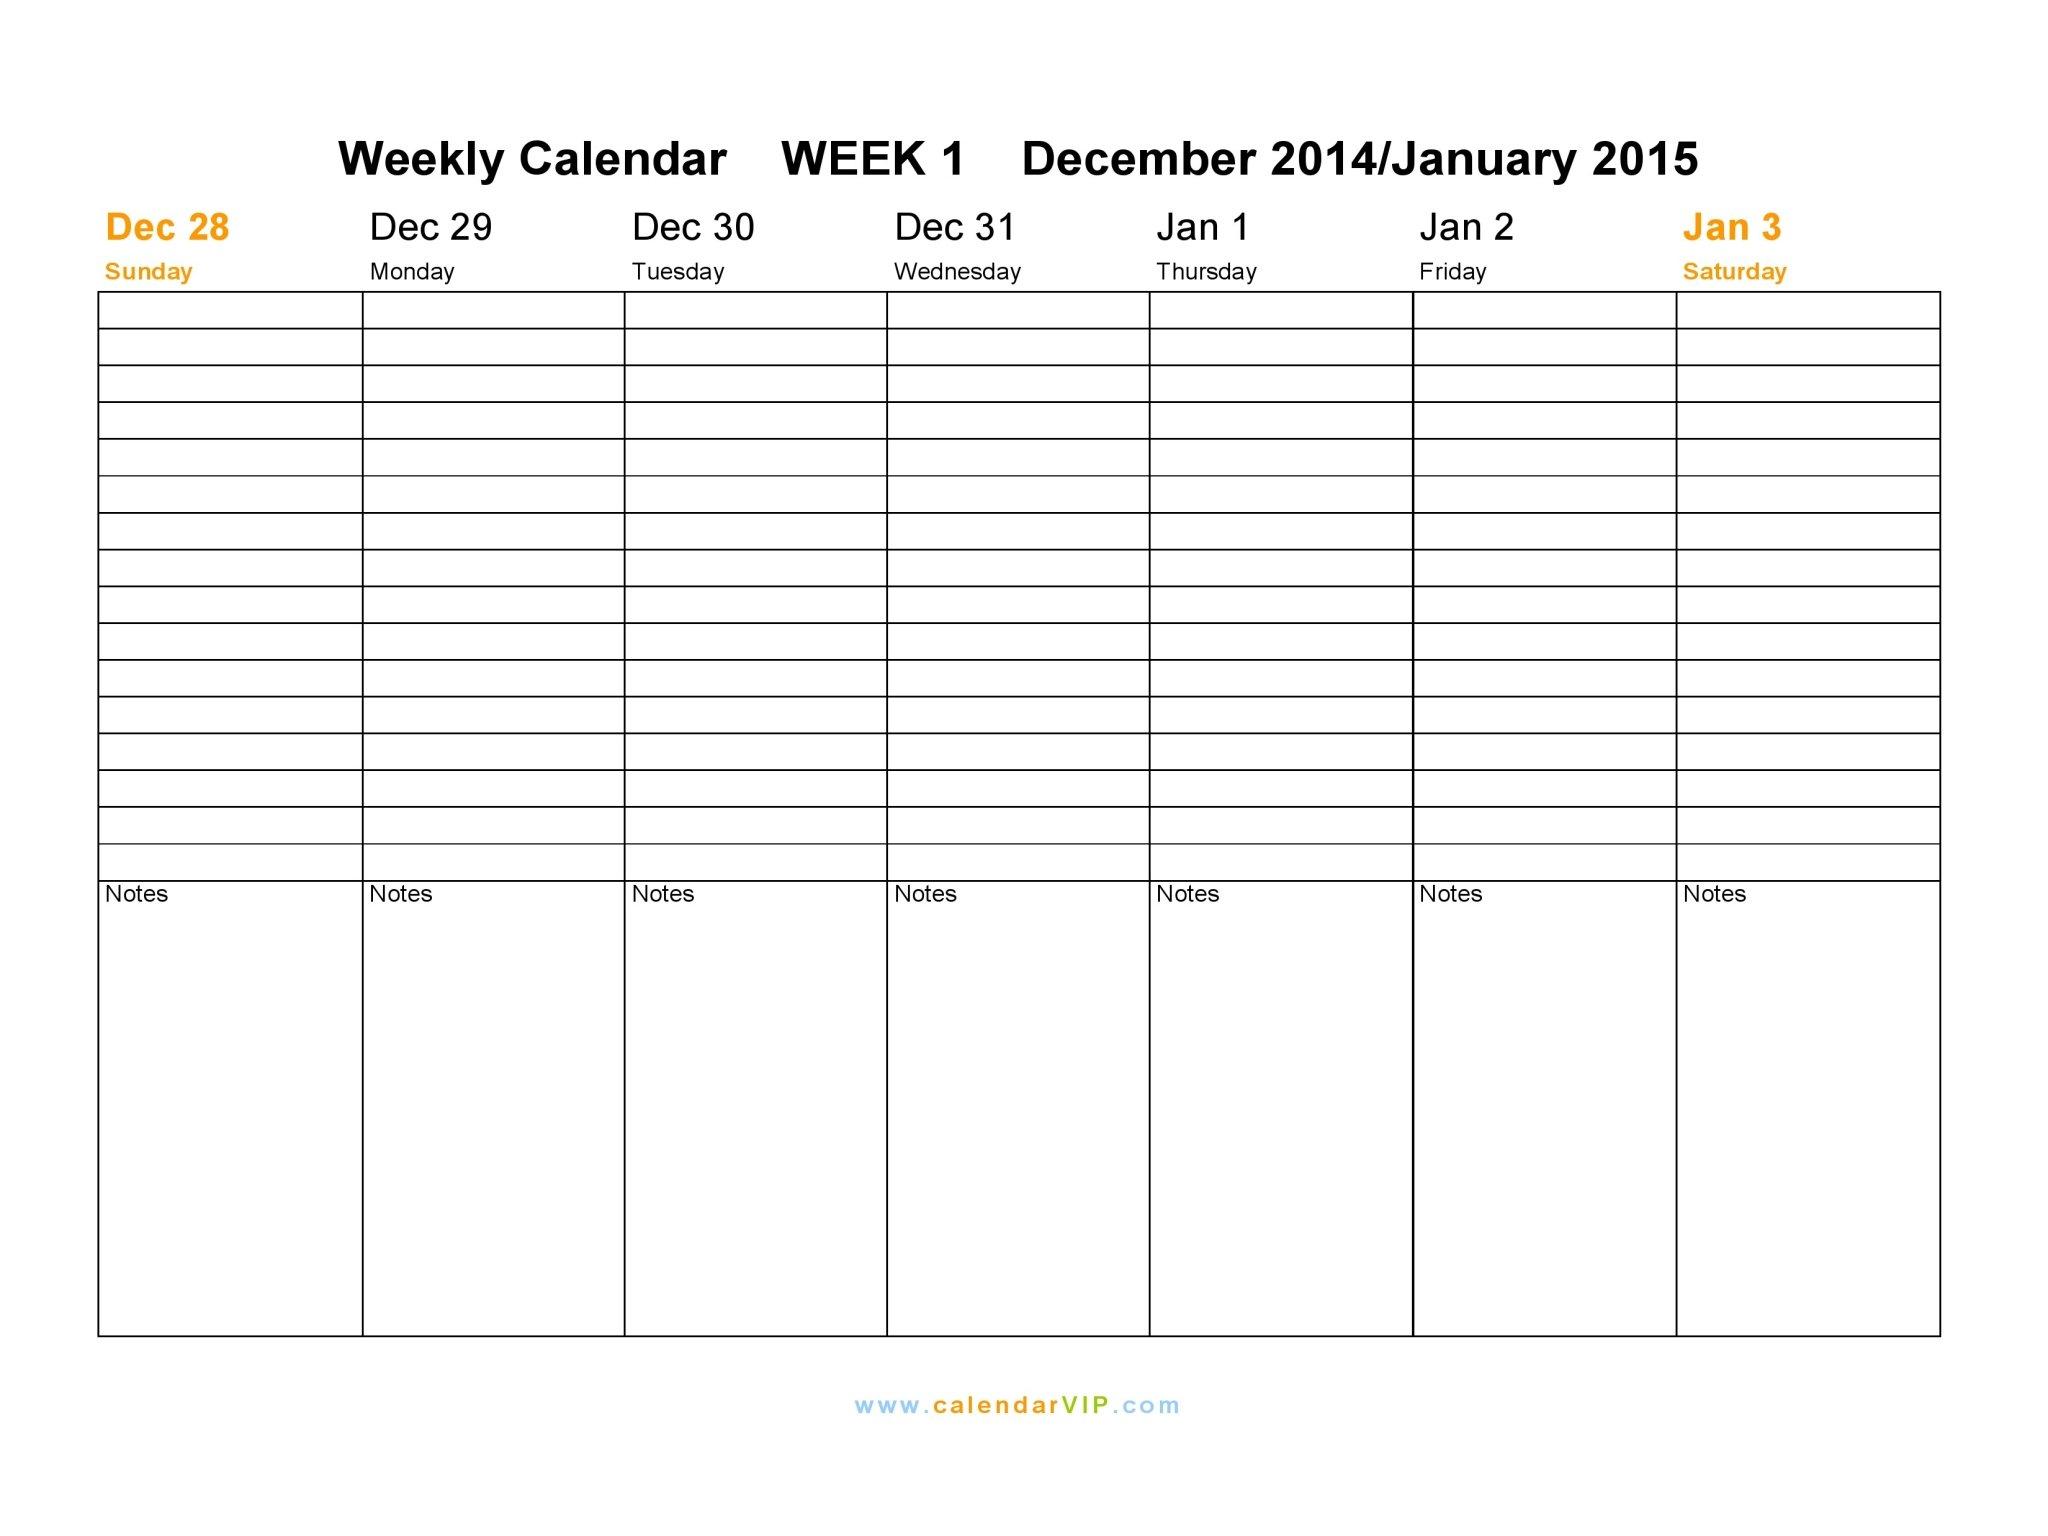 Weekly Calendar 2015 - Free Weekly Calendar Templates Printable Time Calendar 1 Week